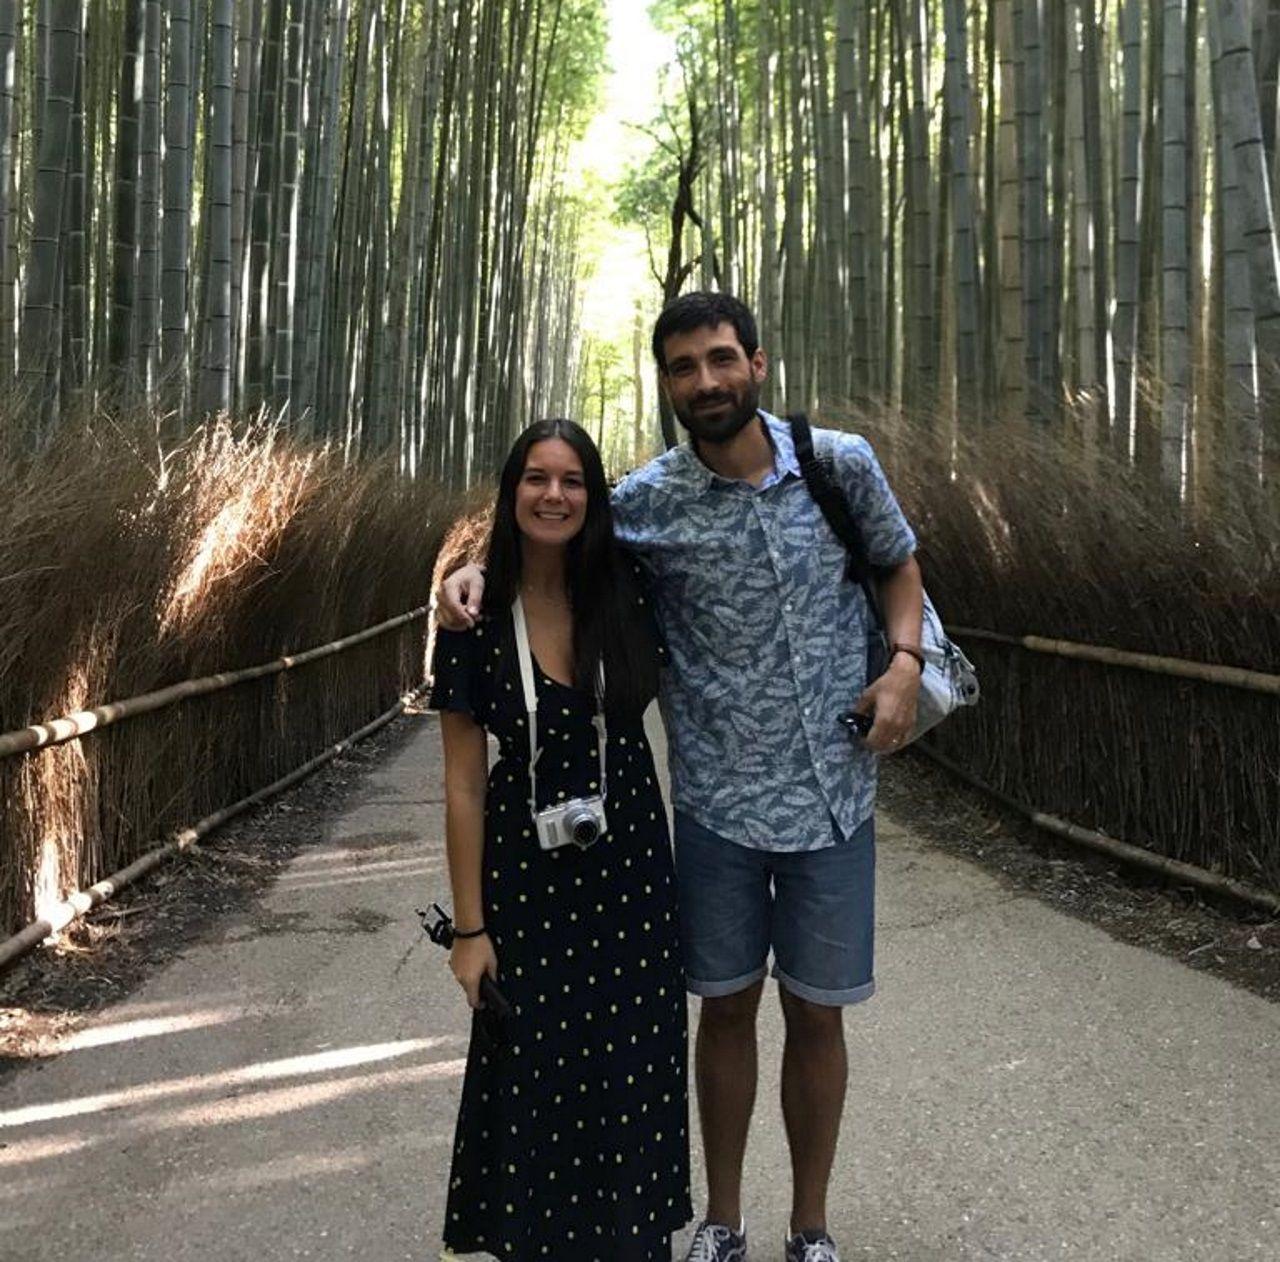 Antía y Álex durante la vista al bosque de bambú en Kioto